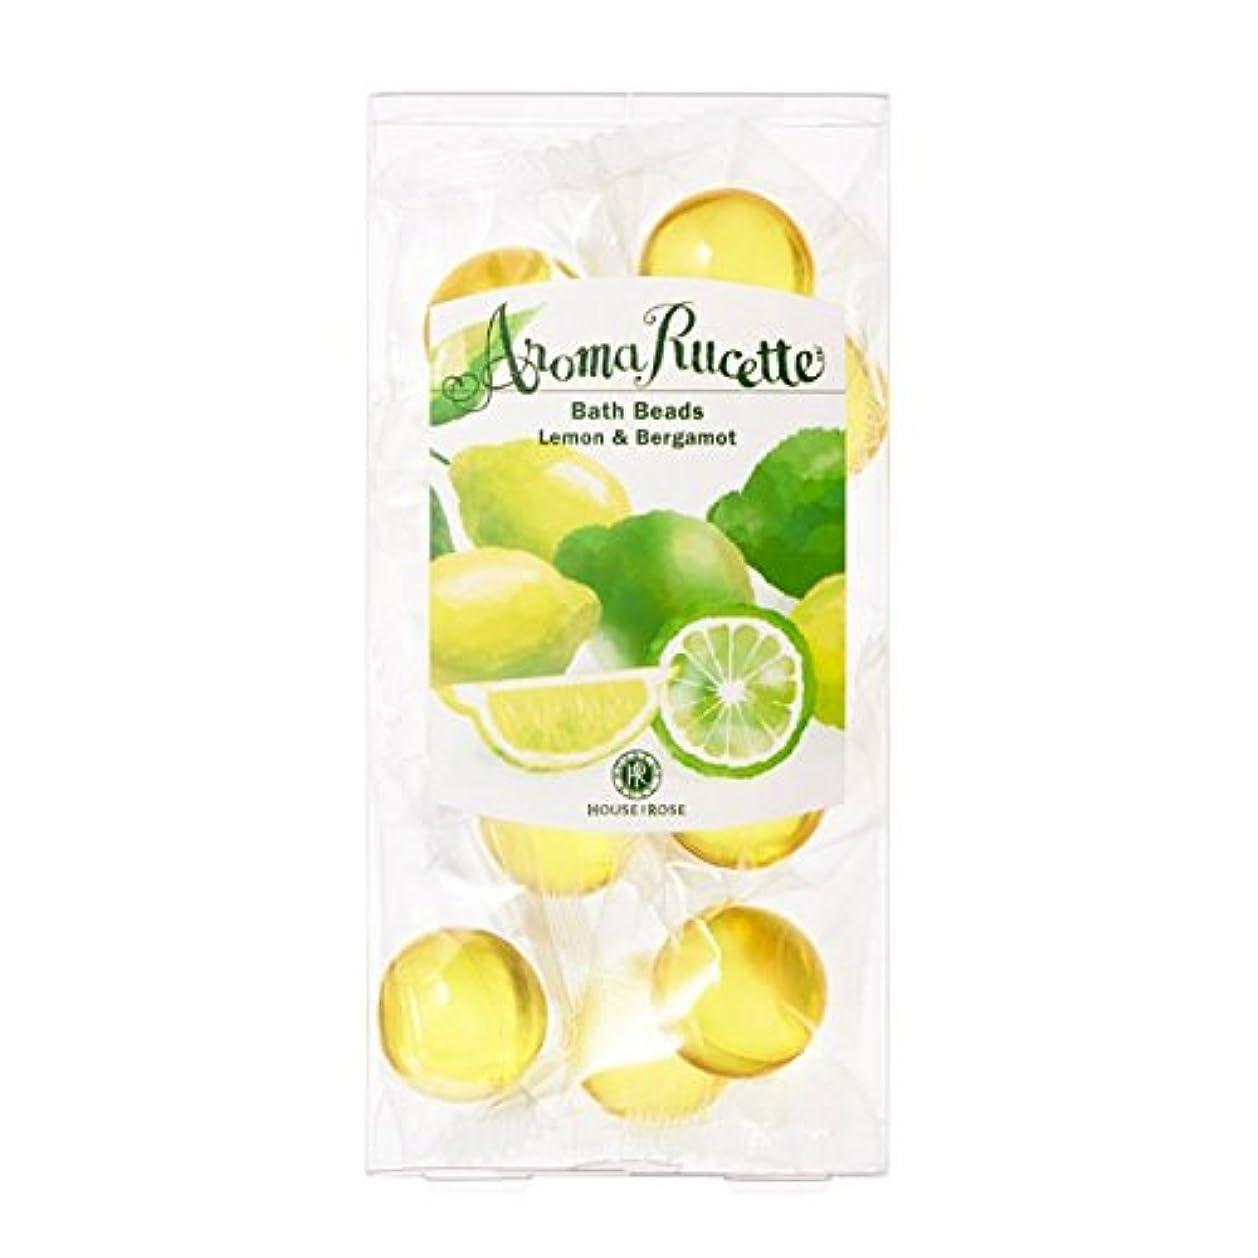 除去説教する測るハウスオブローゼ アロマルセット バスビーズ 7g×11個 (レモン&ベルガモットの香り)